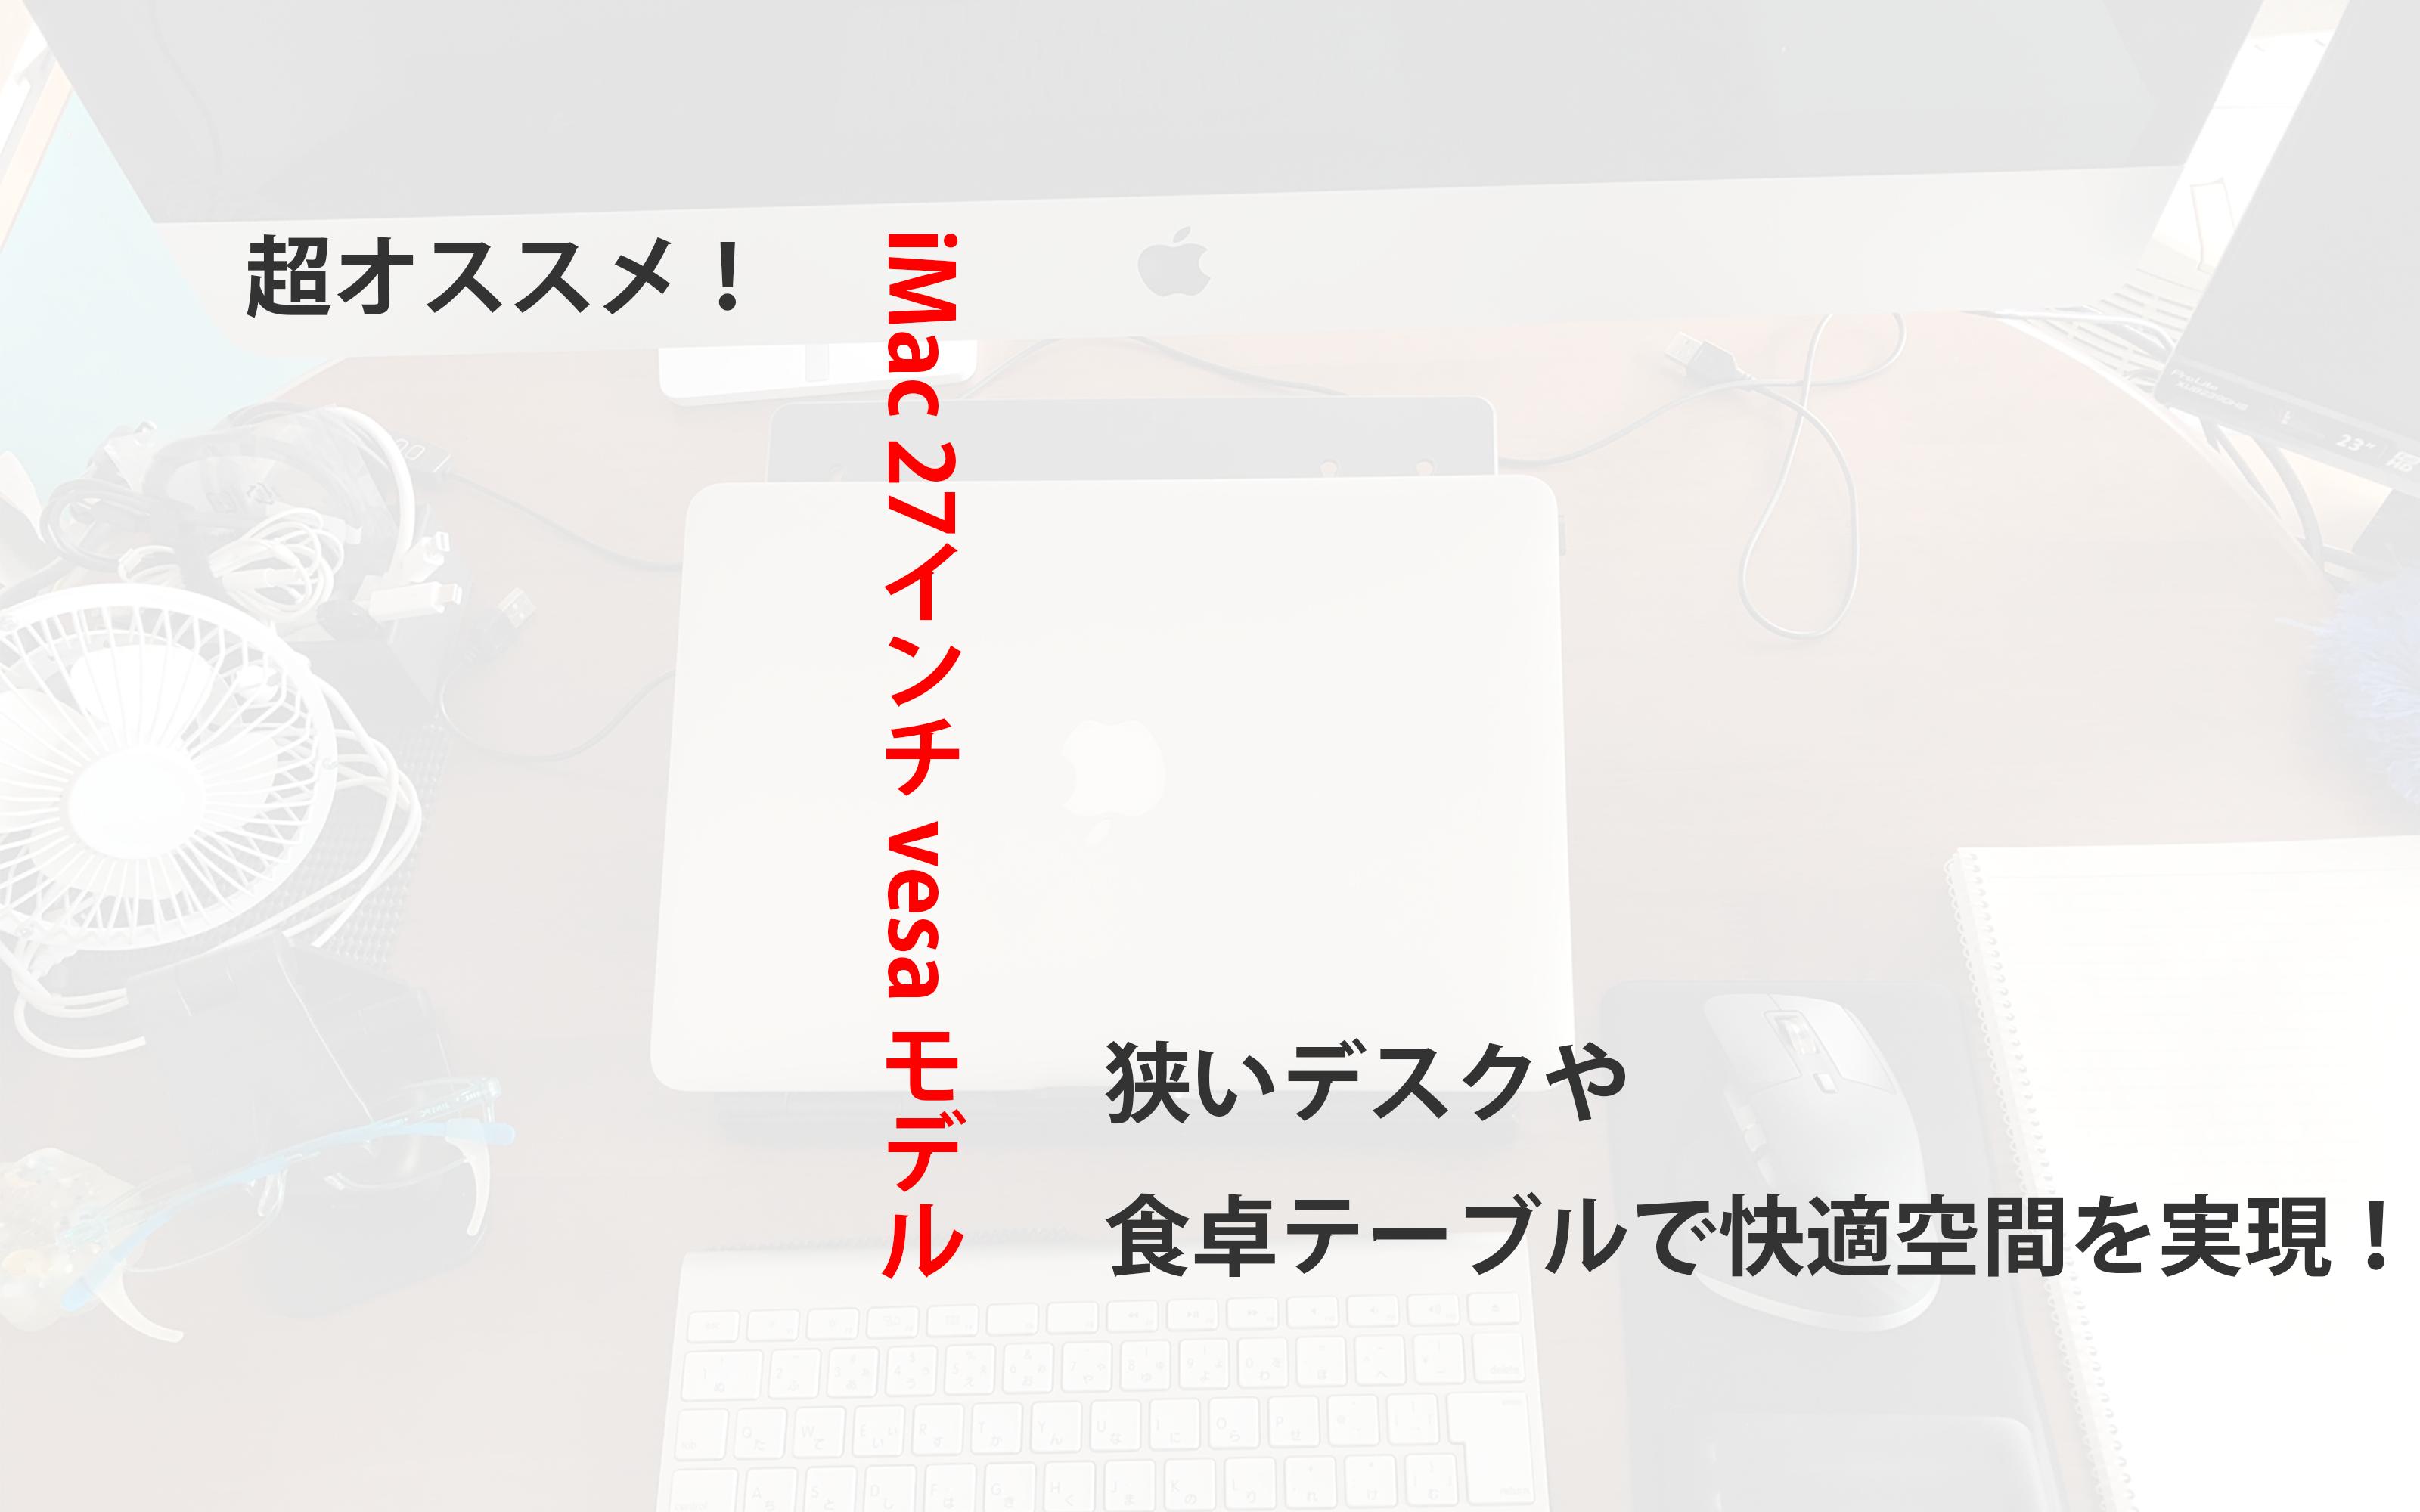 超オススメ! iMac 27インチ 5k vesaモデル 超快適